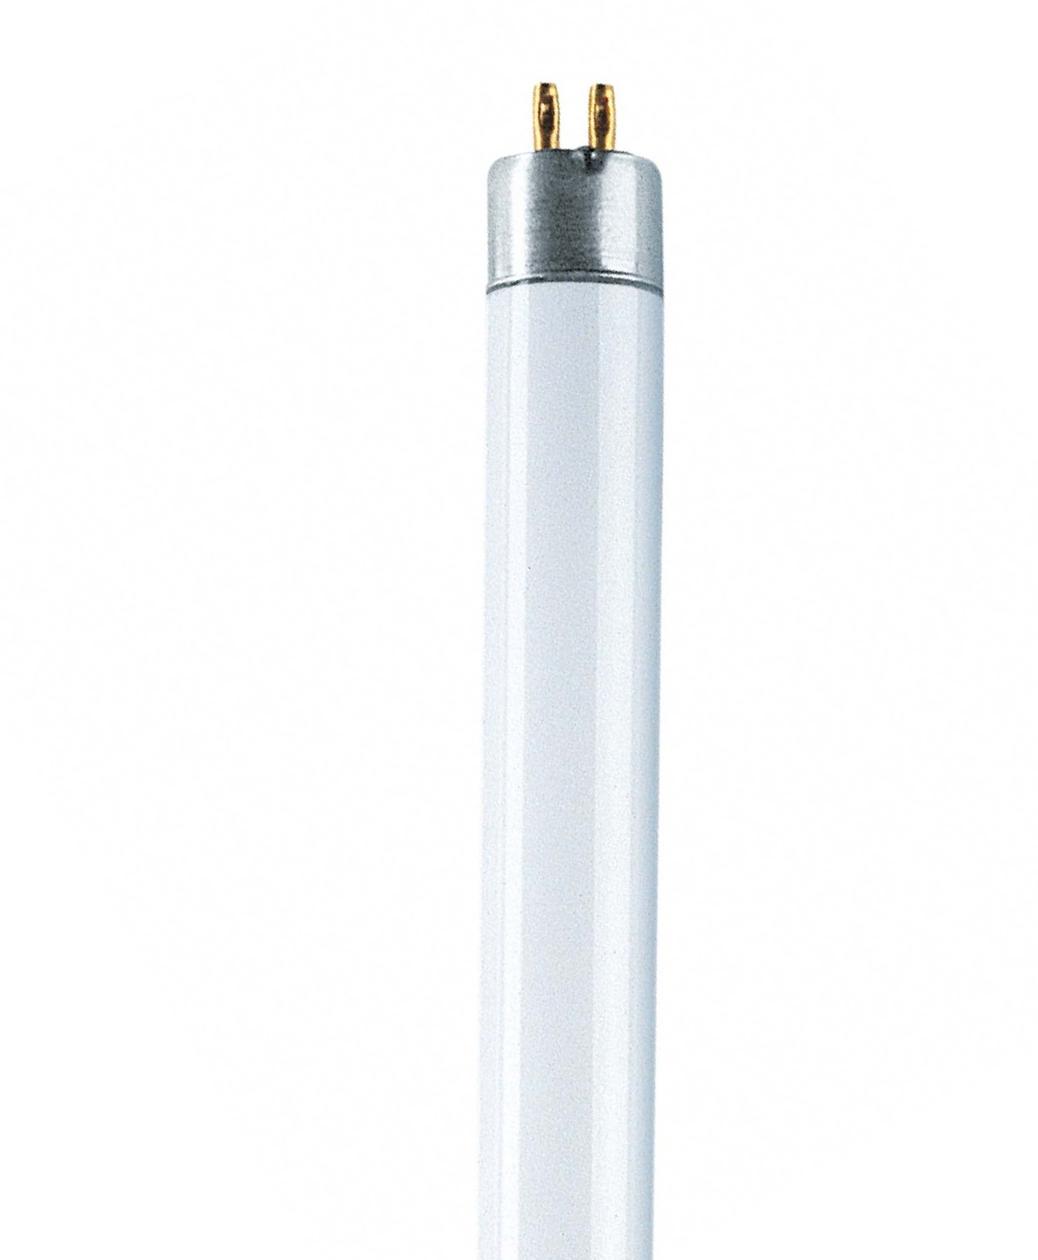 T5 35W/865 G5 FLH1, Tageslicht, Leuchtstofflampe